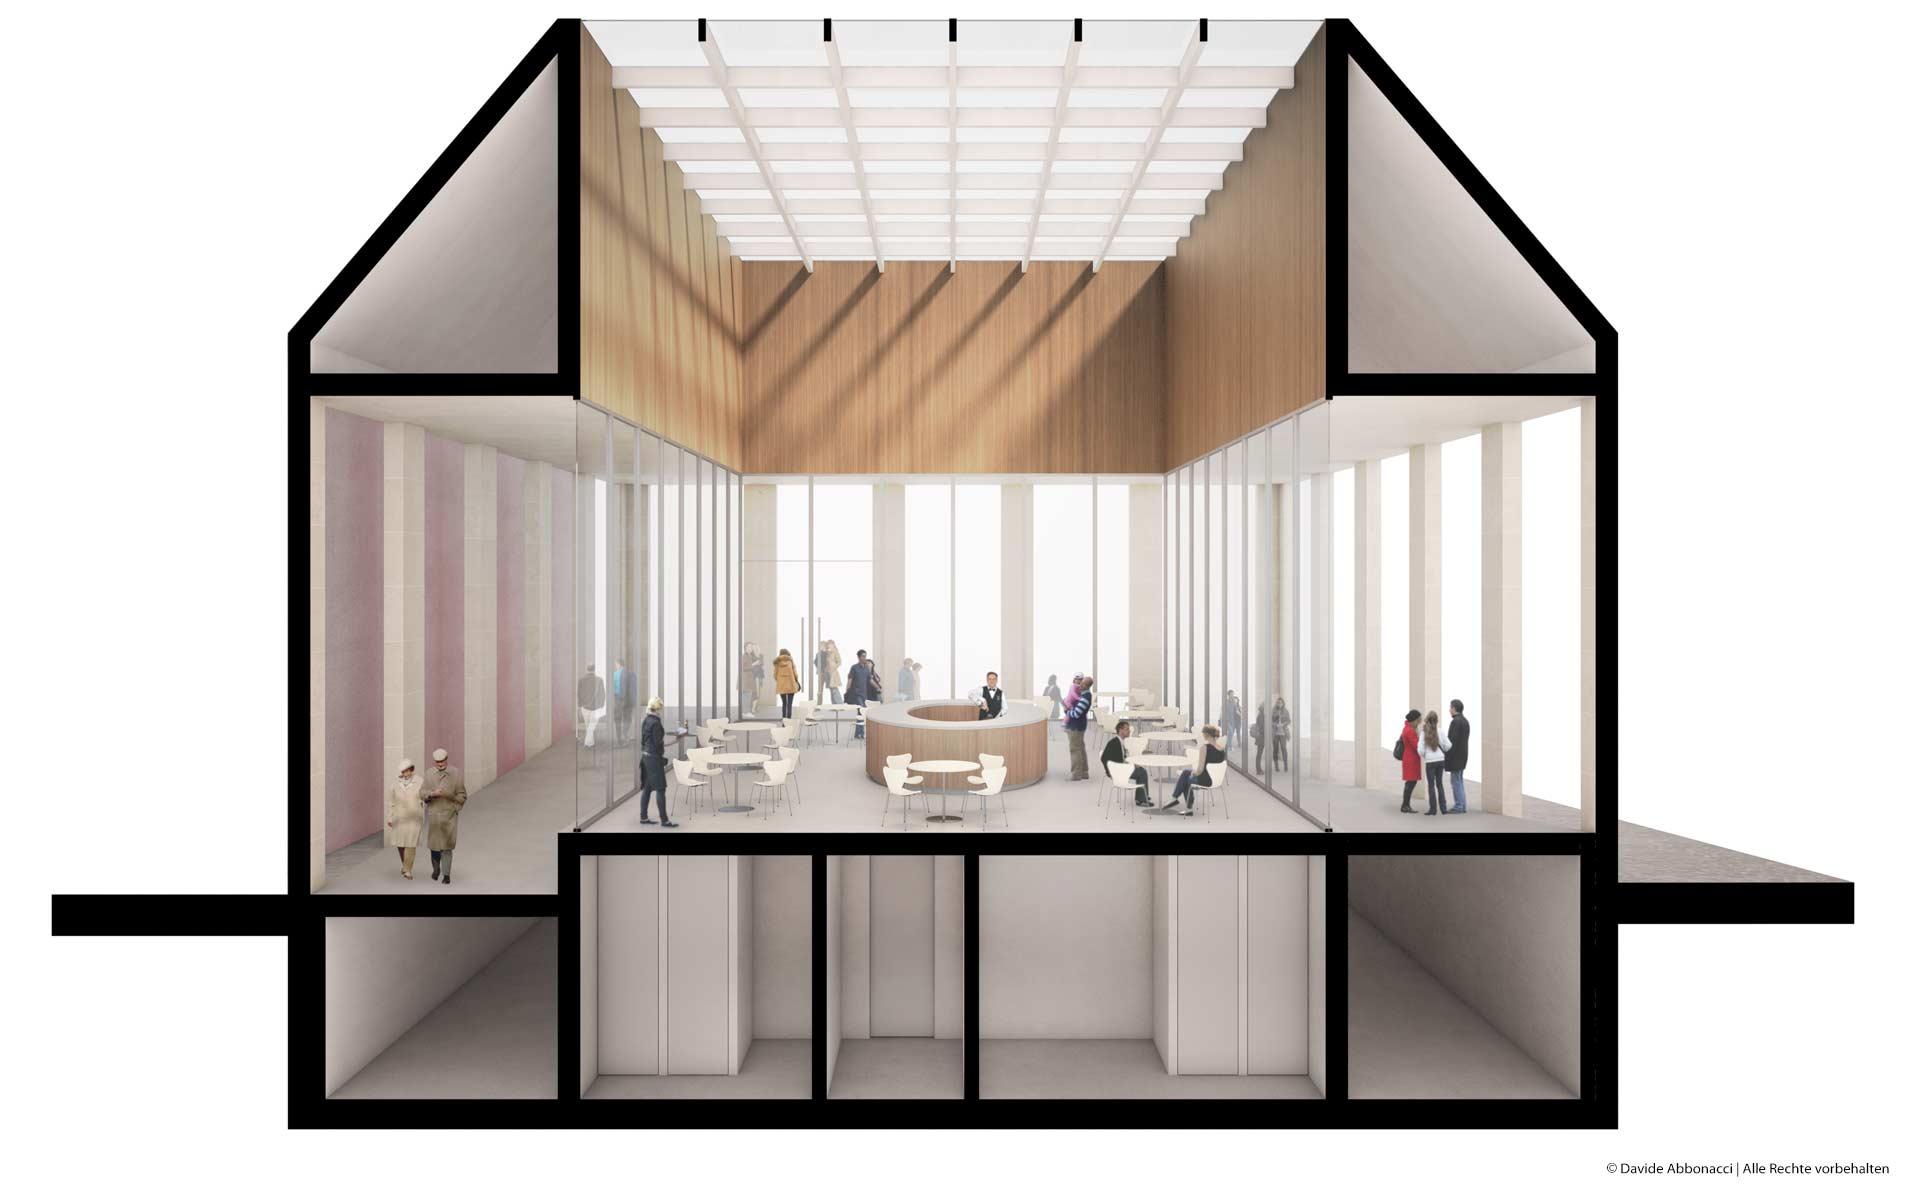 Höfe am Kaffeeberg Ludwigsburg, Stuttgart   Kuehn Malvezzi Architekten   2013 Wettbewerbsvisualisierung